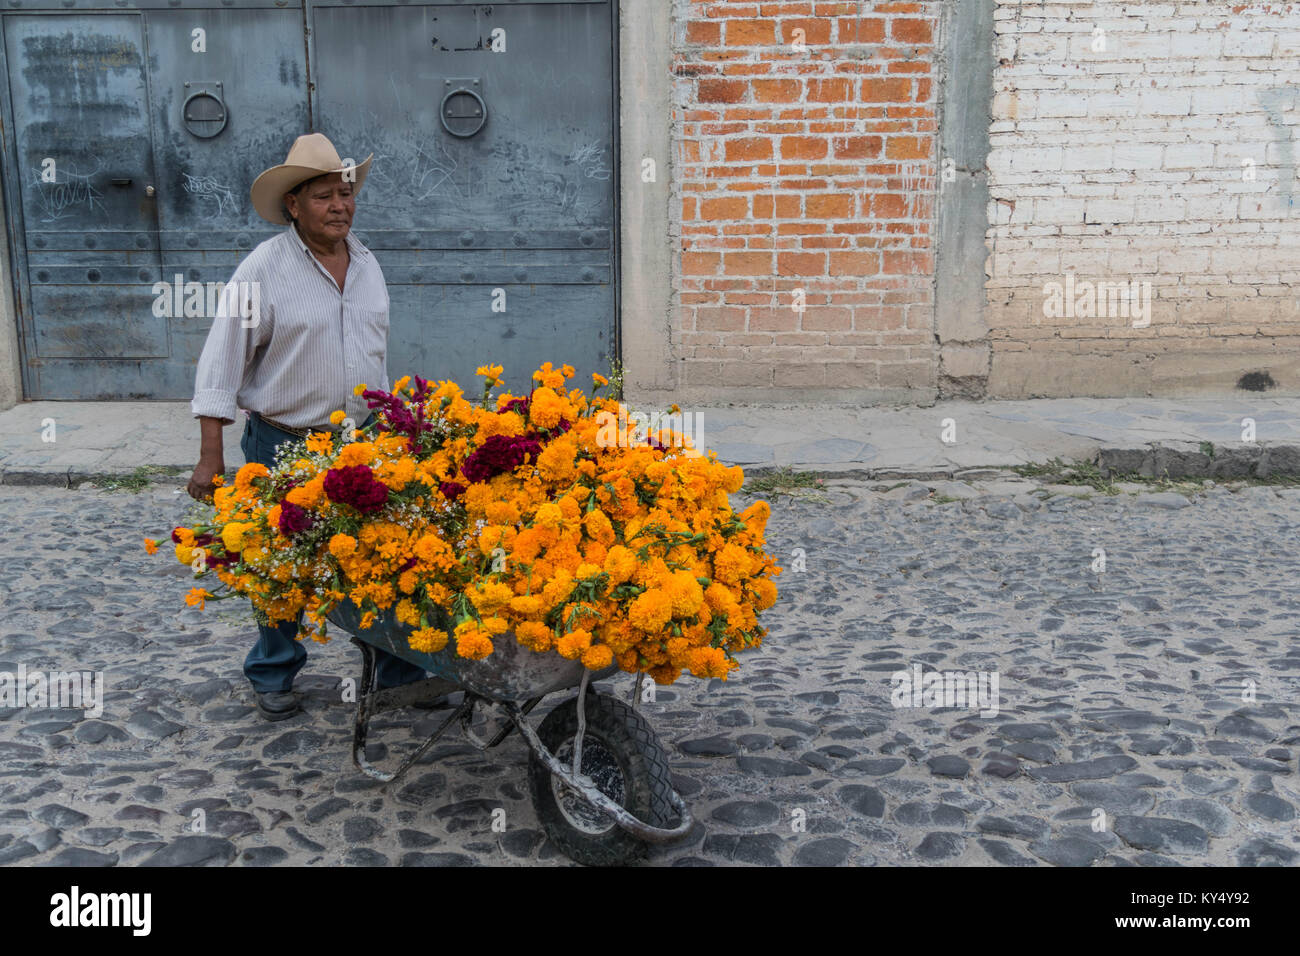 Mann in einem Strohhut drücken eine Schubkarre voll von orange, gelb und rot Ringelblumen, auf einer Straße Stockbild